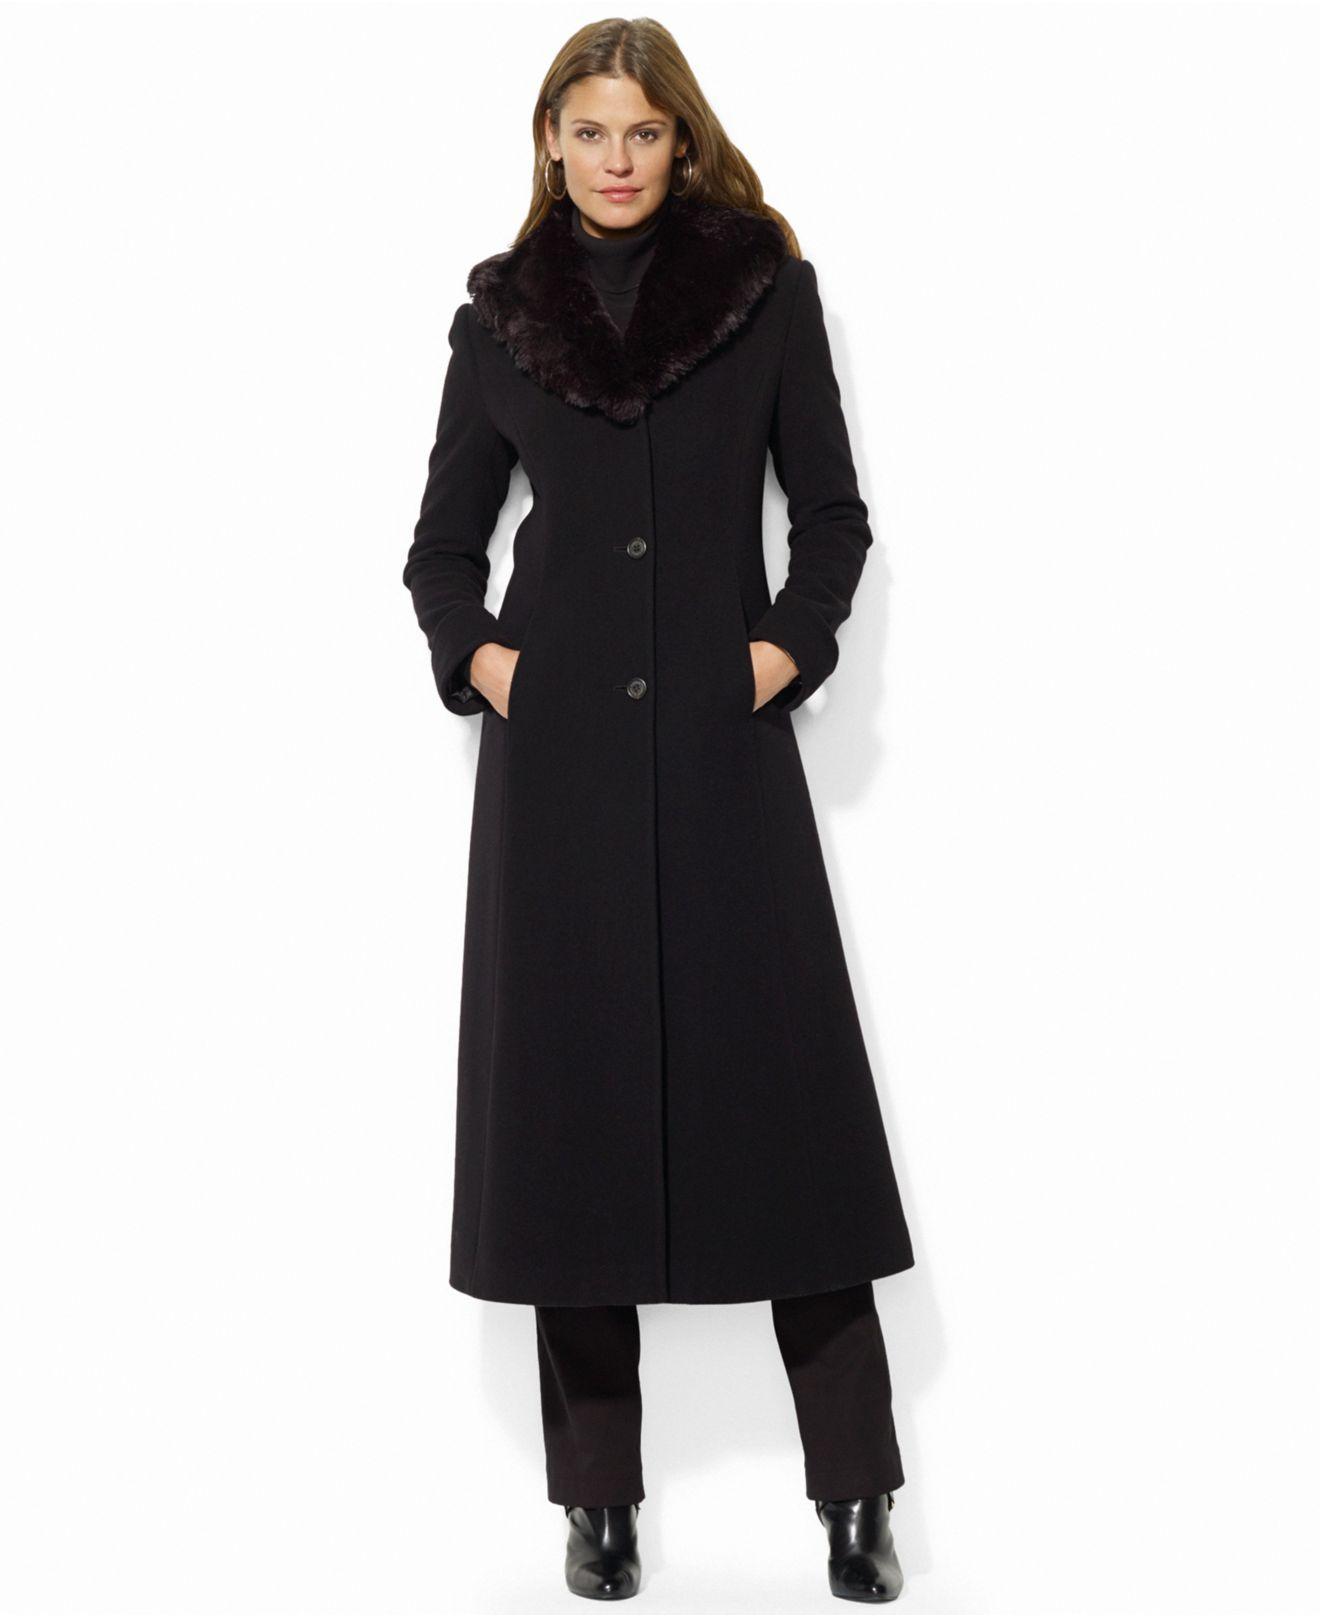 Black mac coat women